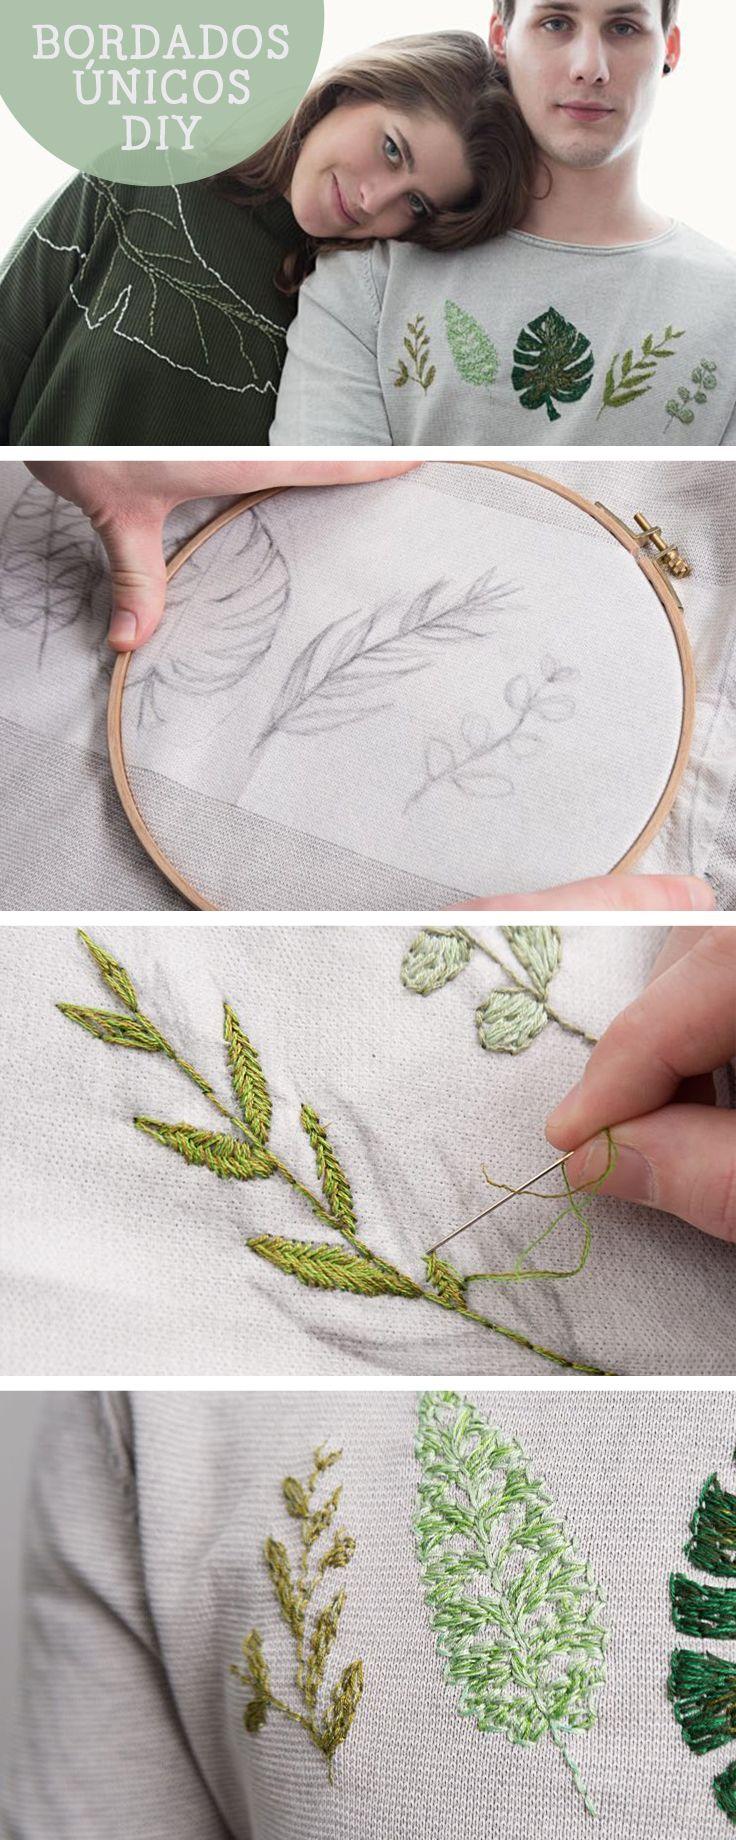 Tutorial DIY: Cómo bordar hojas diferentes en un jersey - Bordado y costura en DaWanda.es